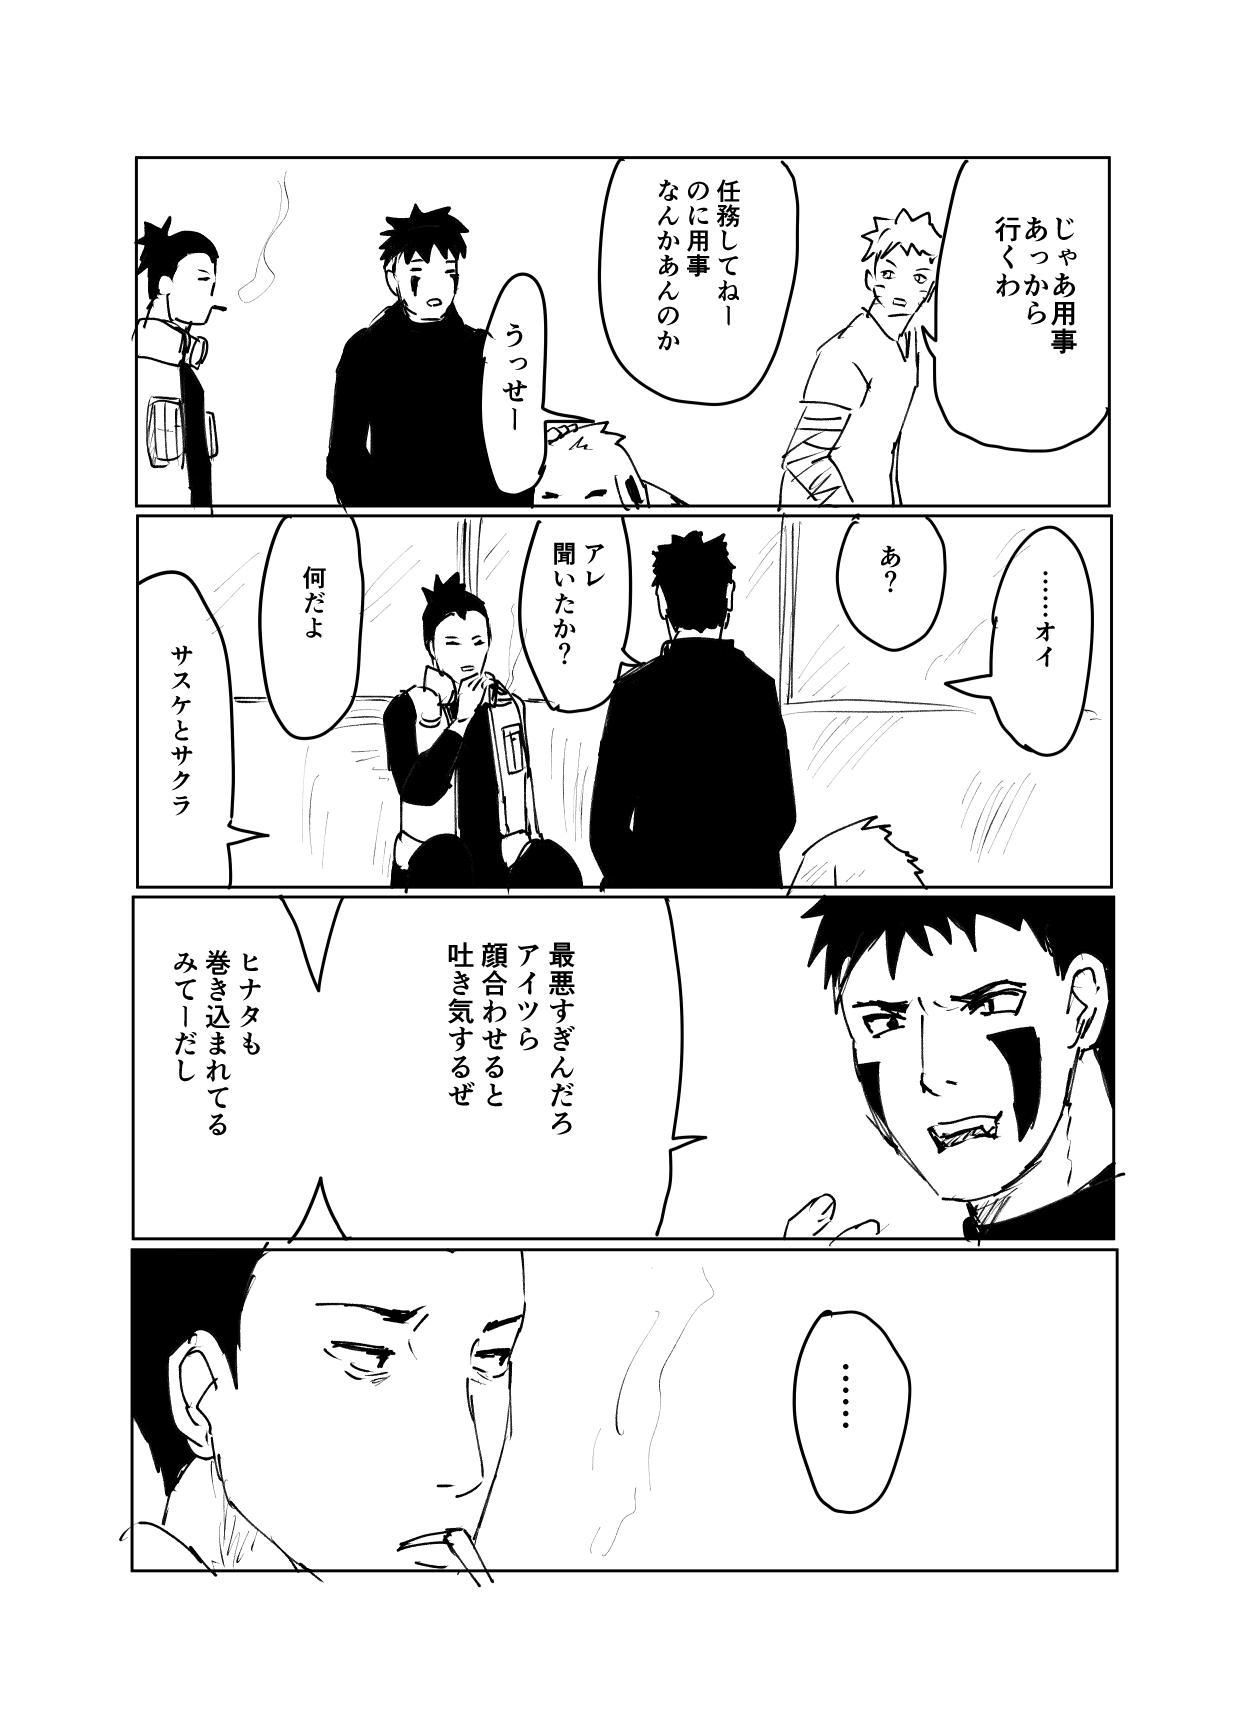 嘘告白漫画 89